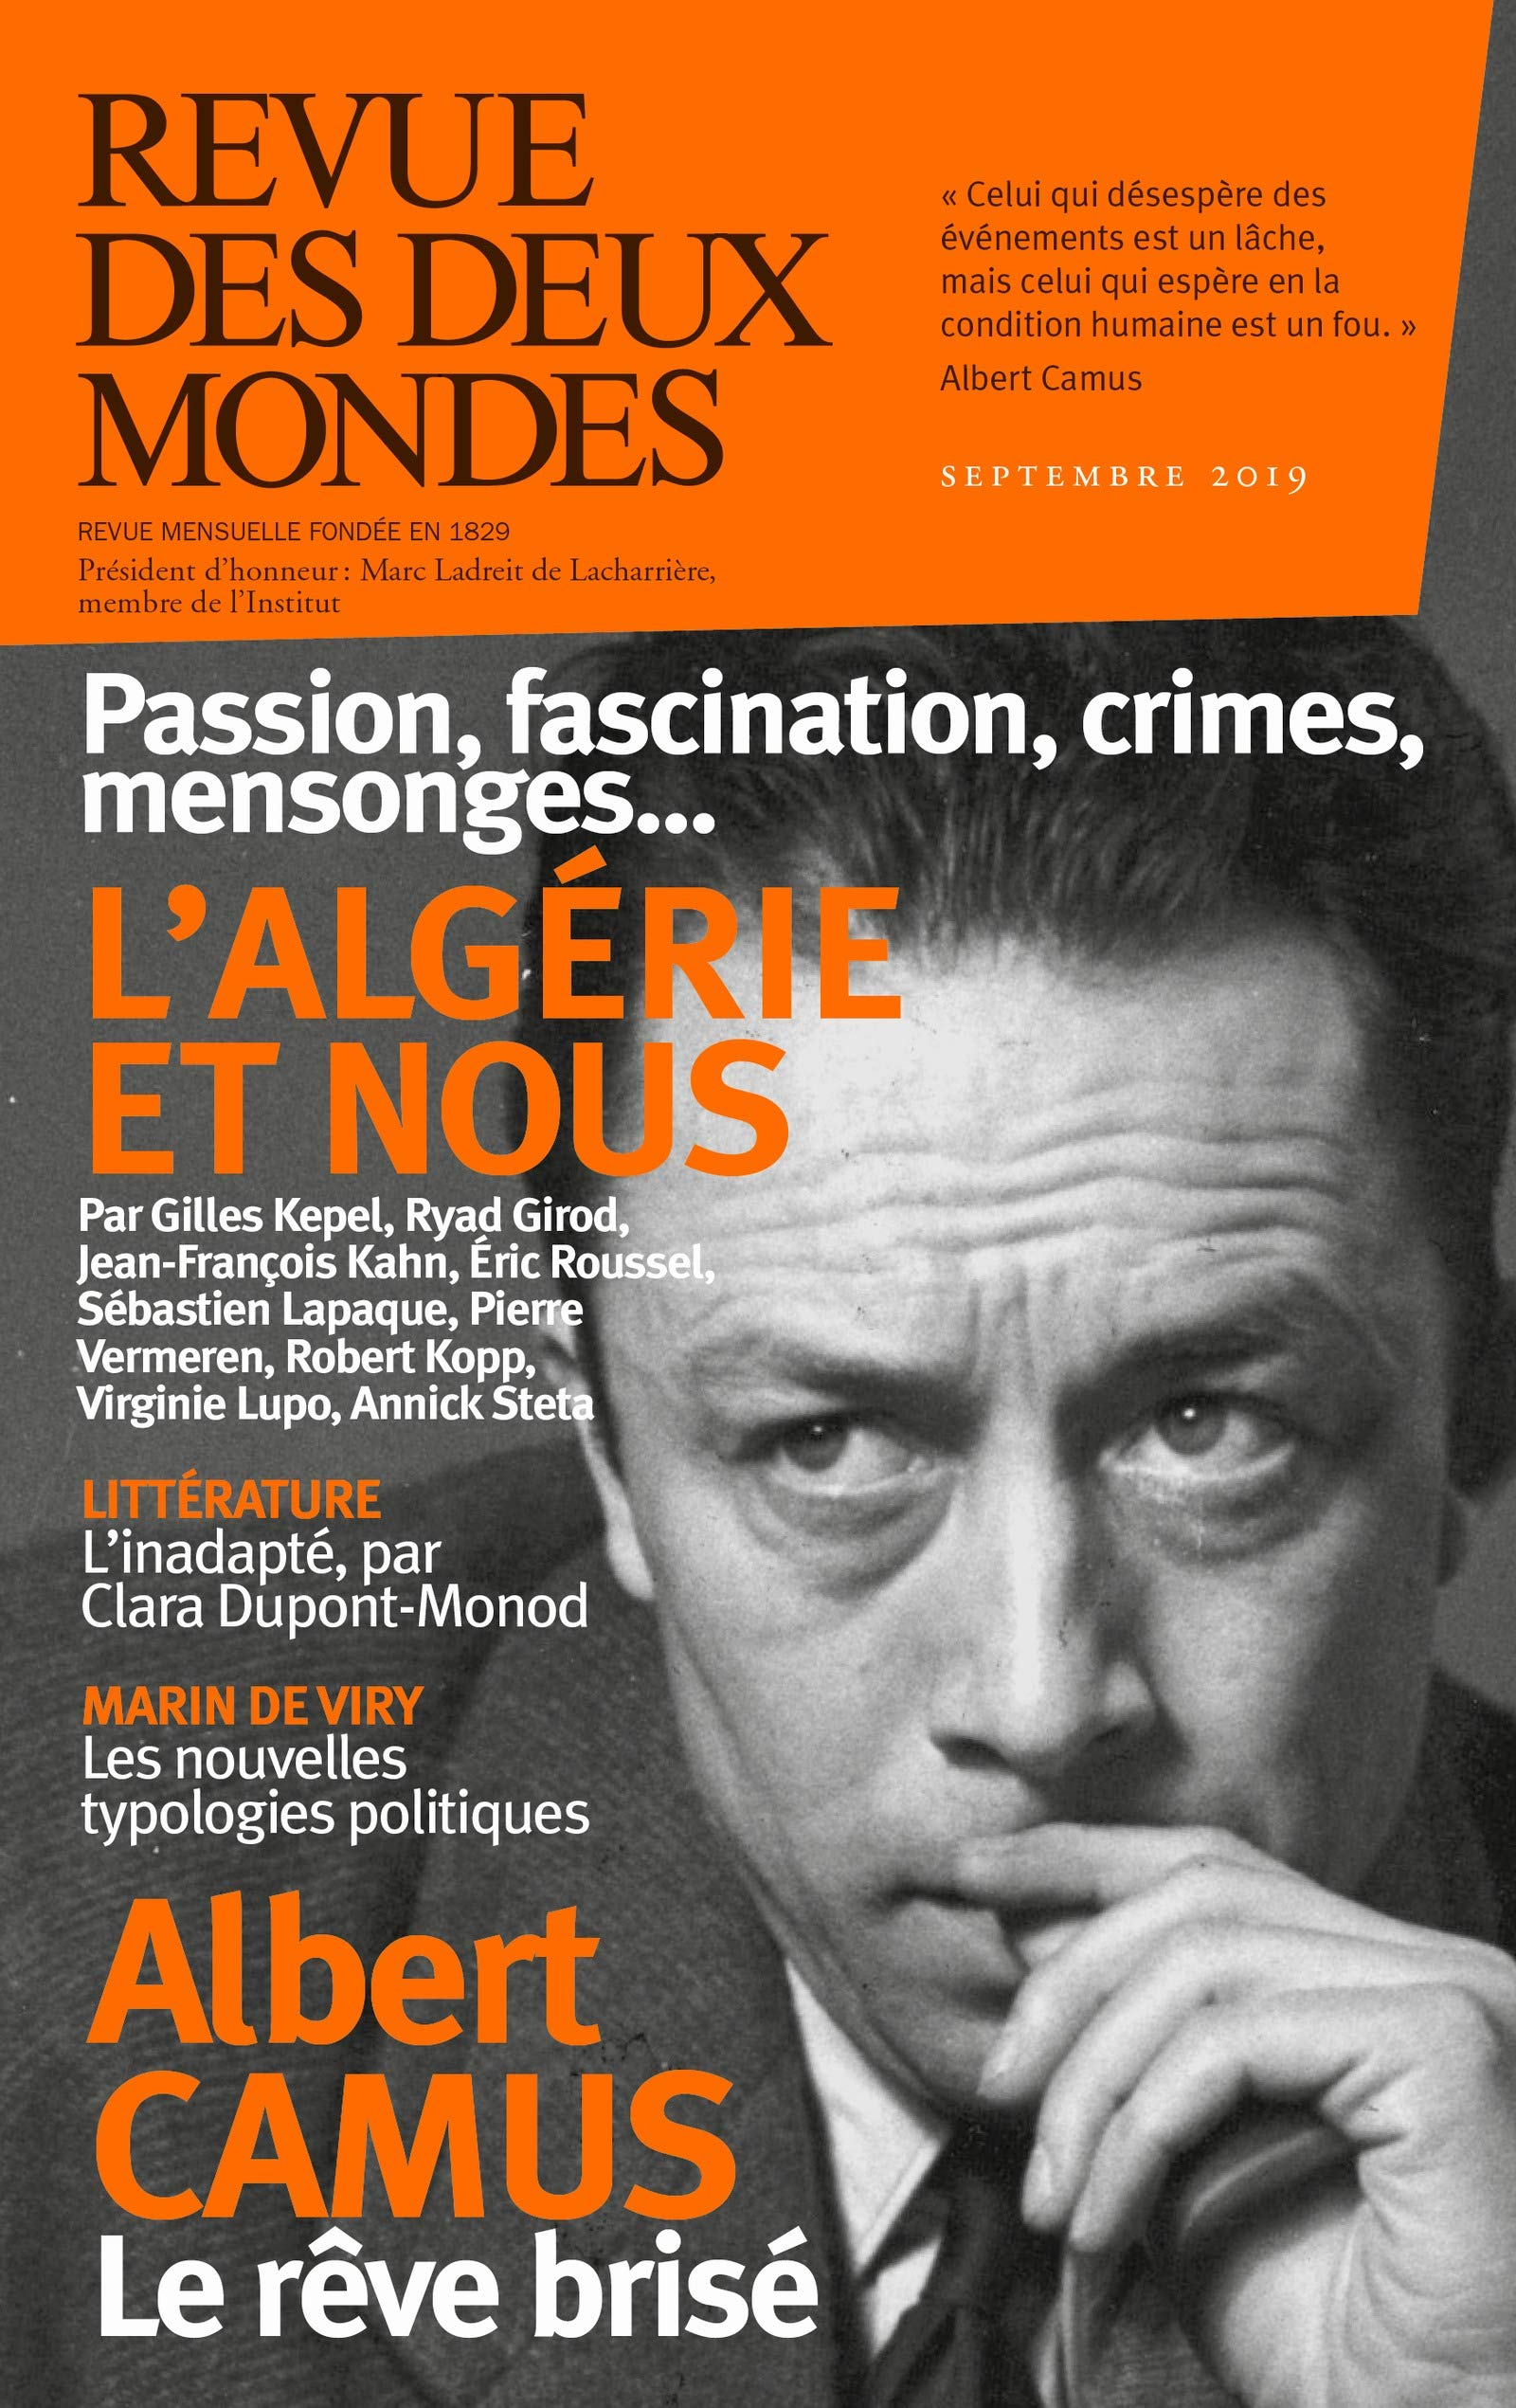 Revue des Deux Mondes septembre 2019: L'Algérie et nous